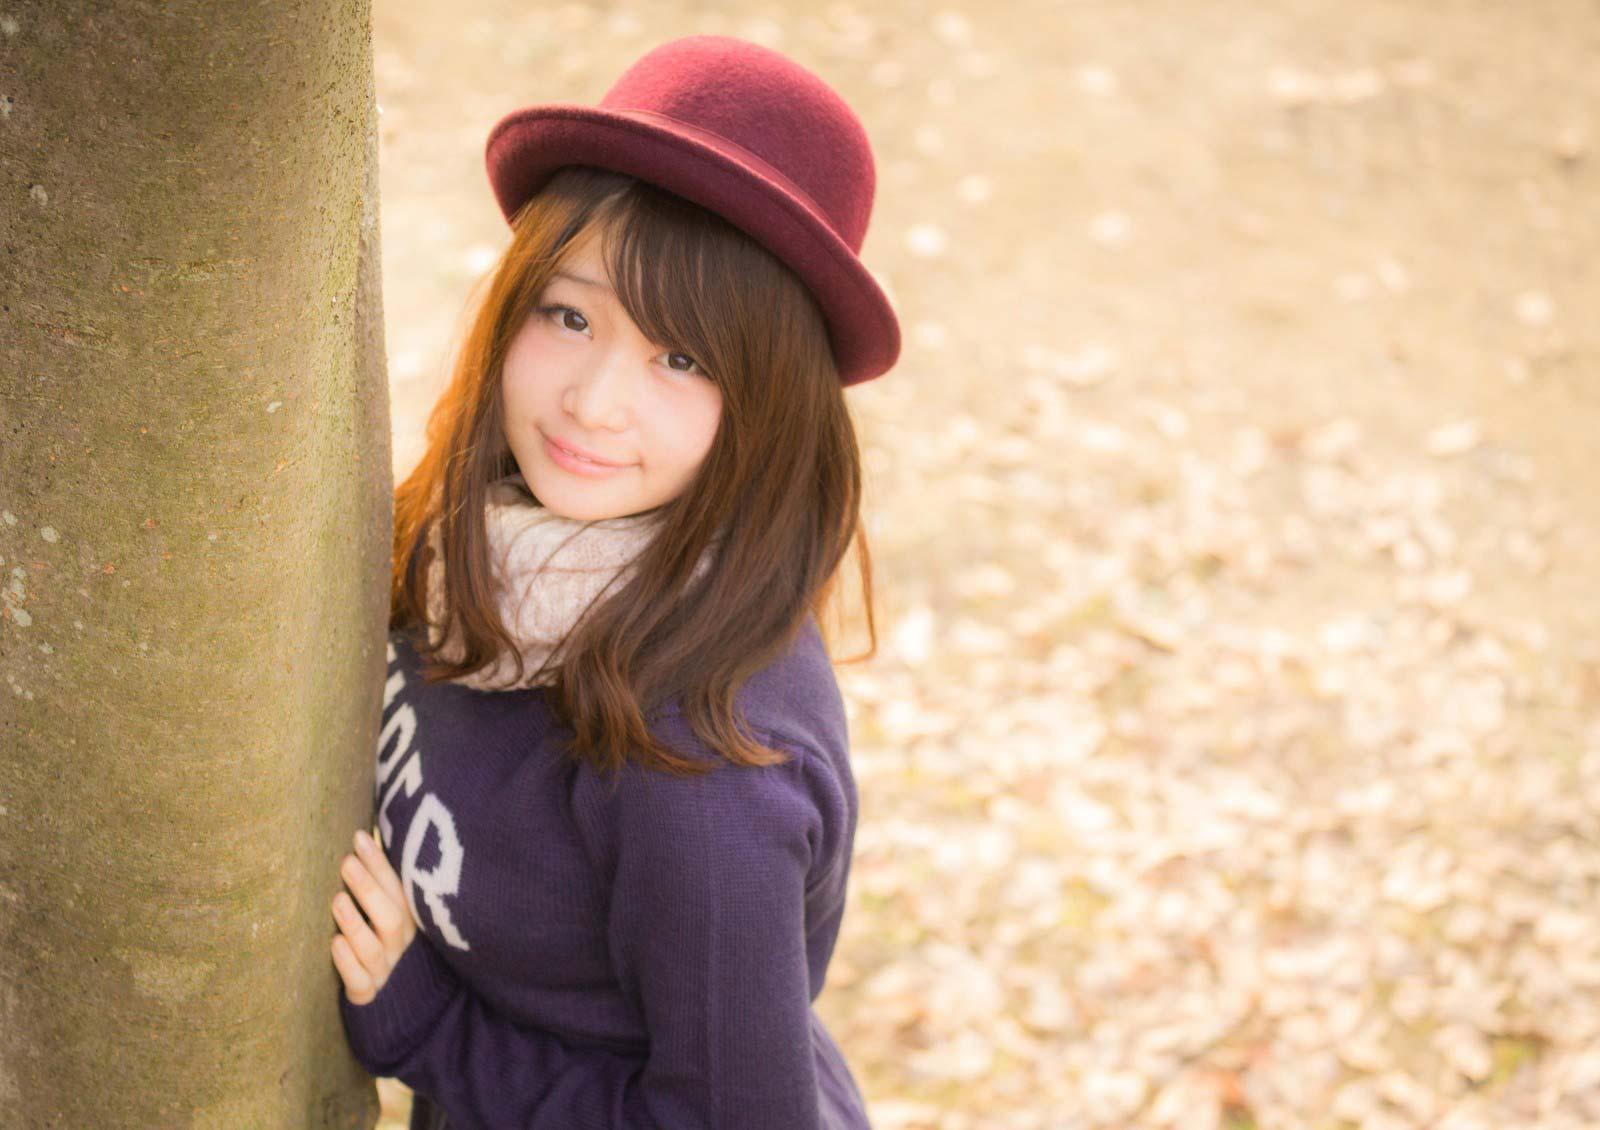 木陰から覗いている帽子を被った女性